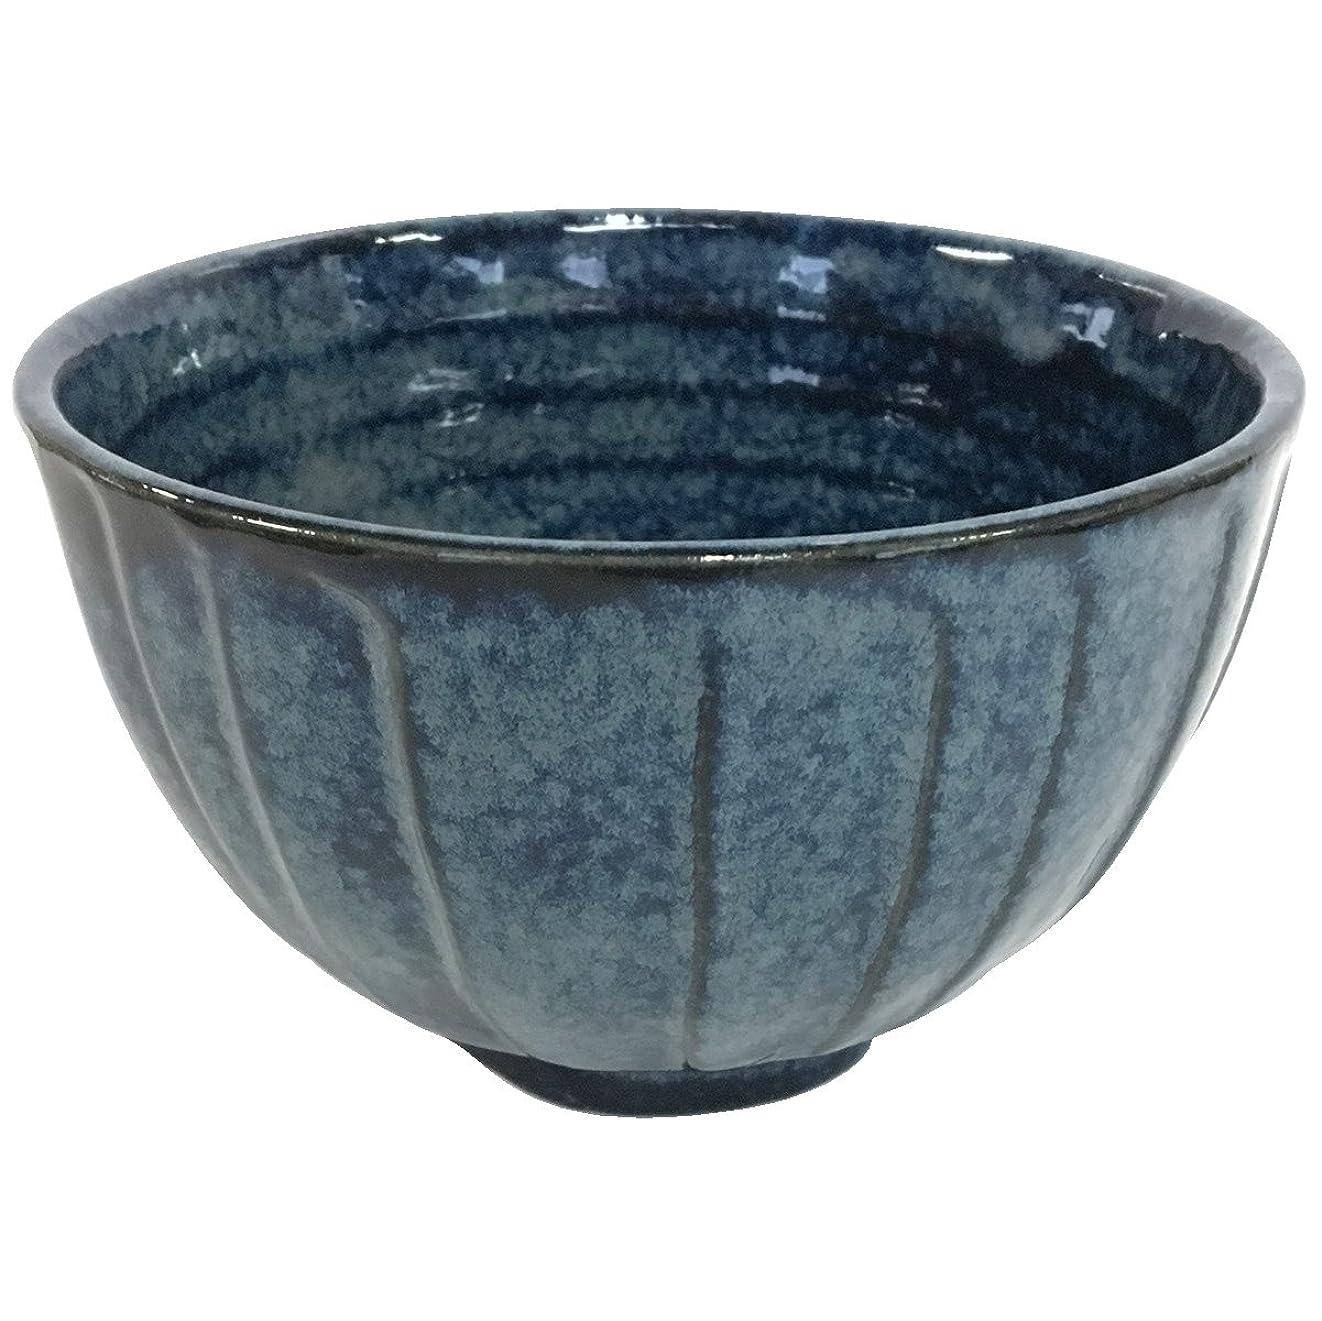 キラウエア山どこかバーターみのる陶器 けずり型多用丼 藍の雪 047-718703